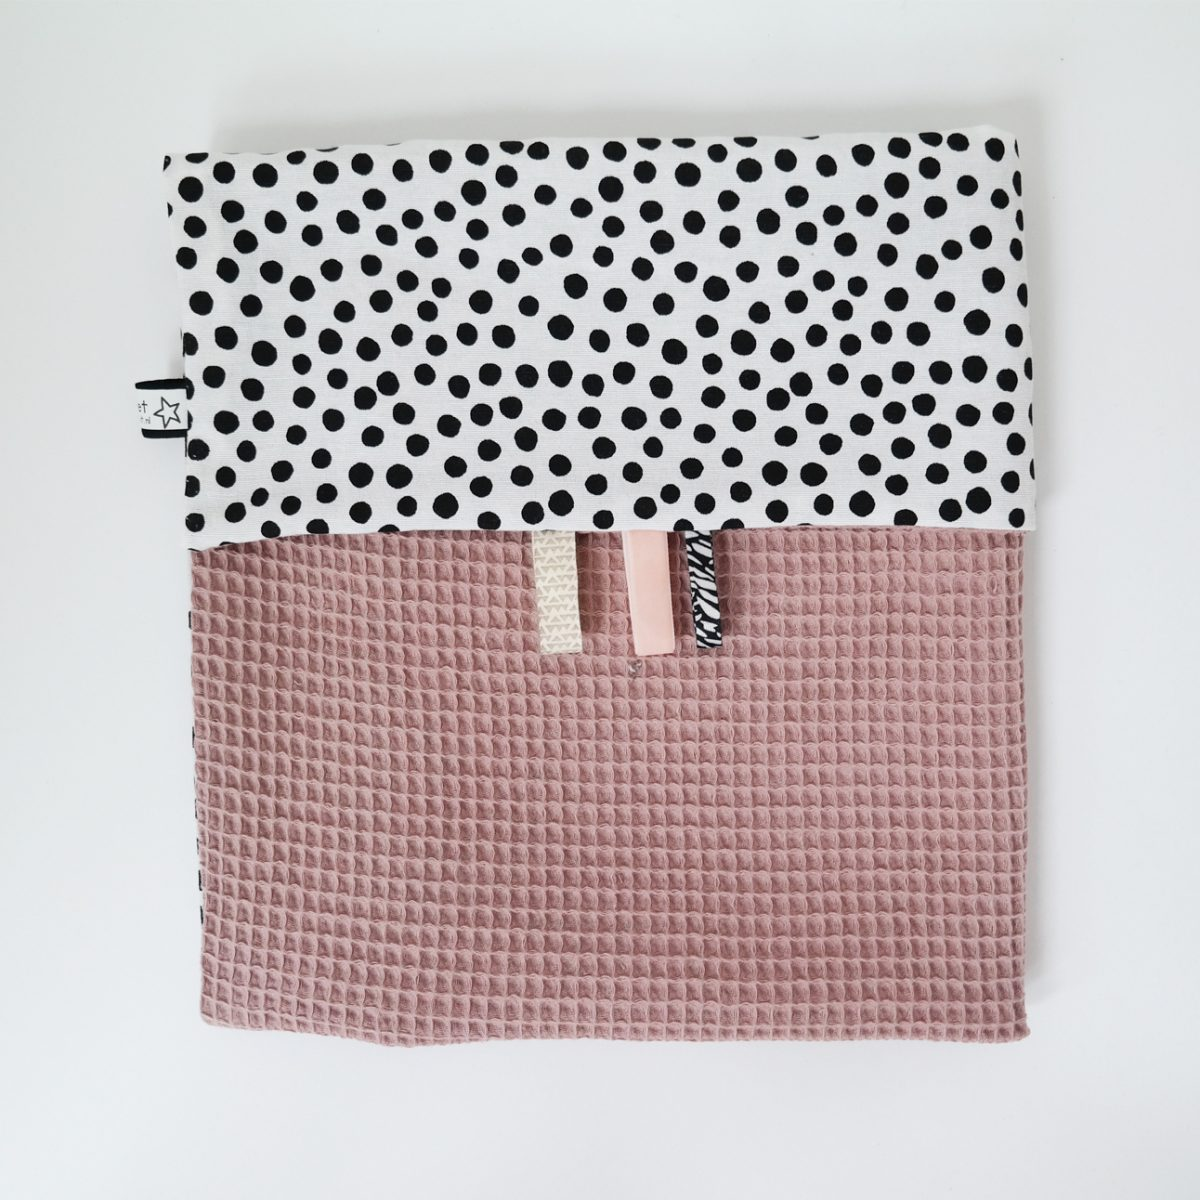 ledikantdeken kinderwagendeken wiegdeken in wafel roze zwart wit dots monochroom